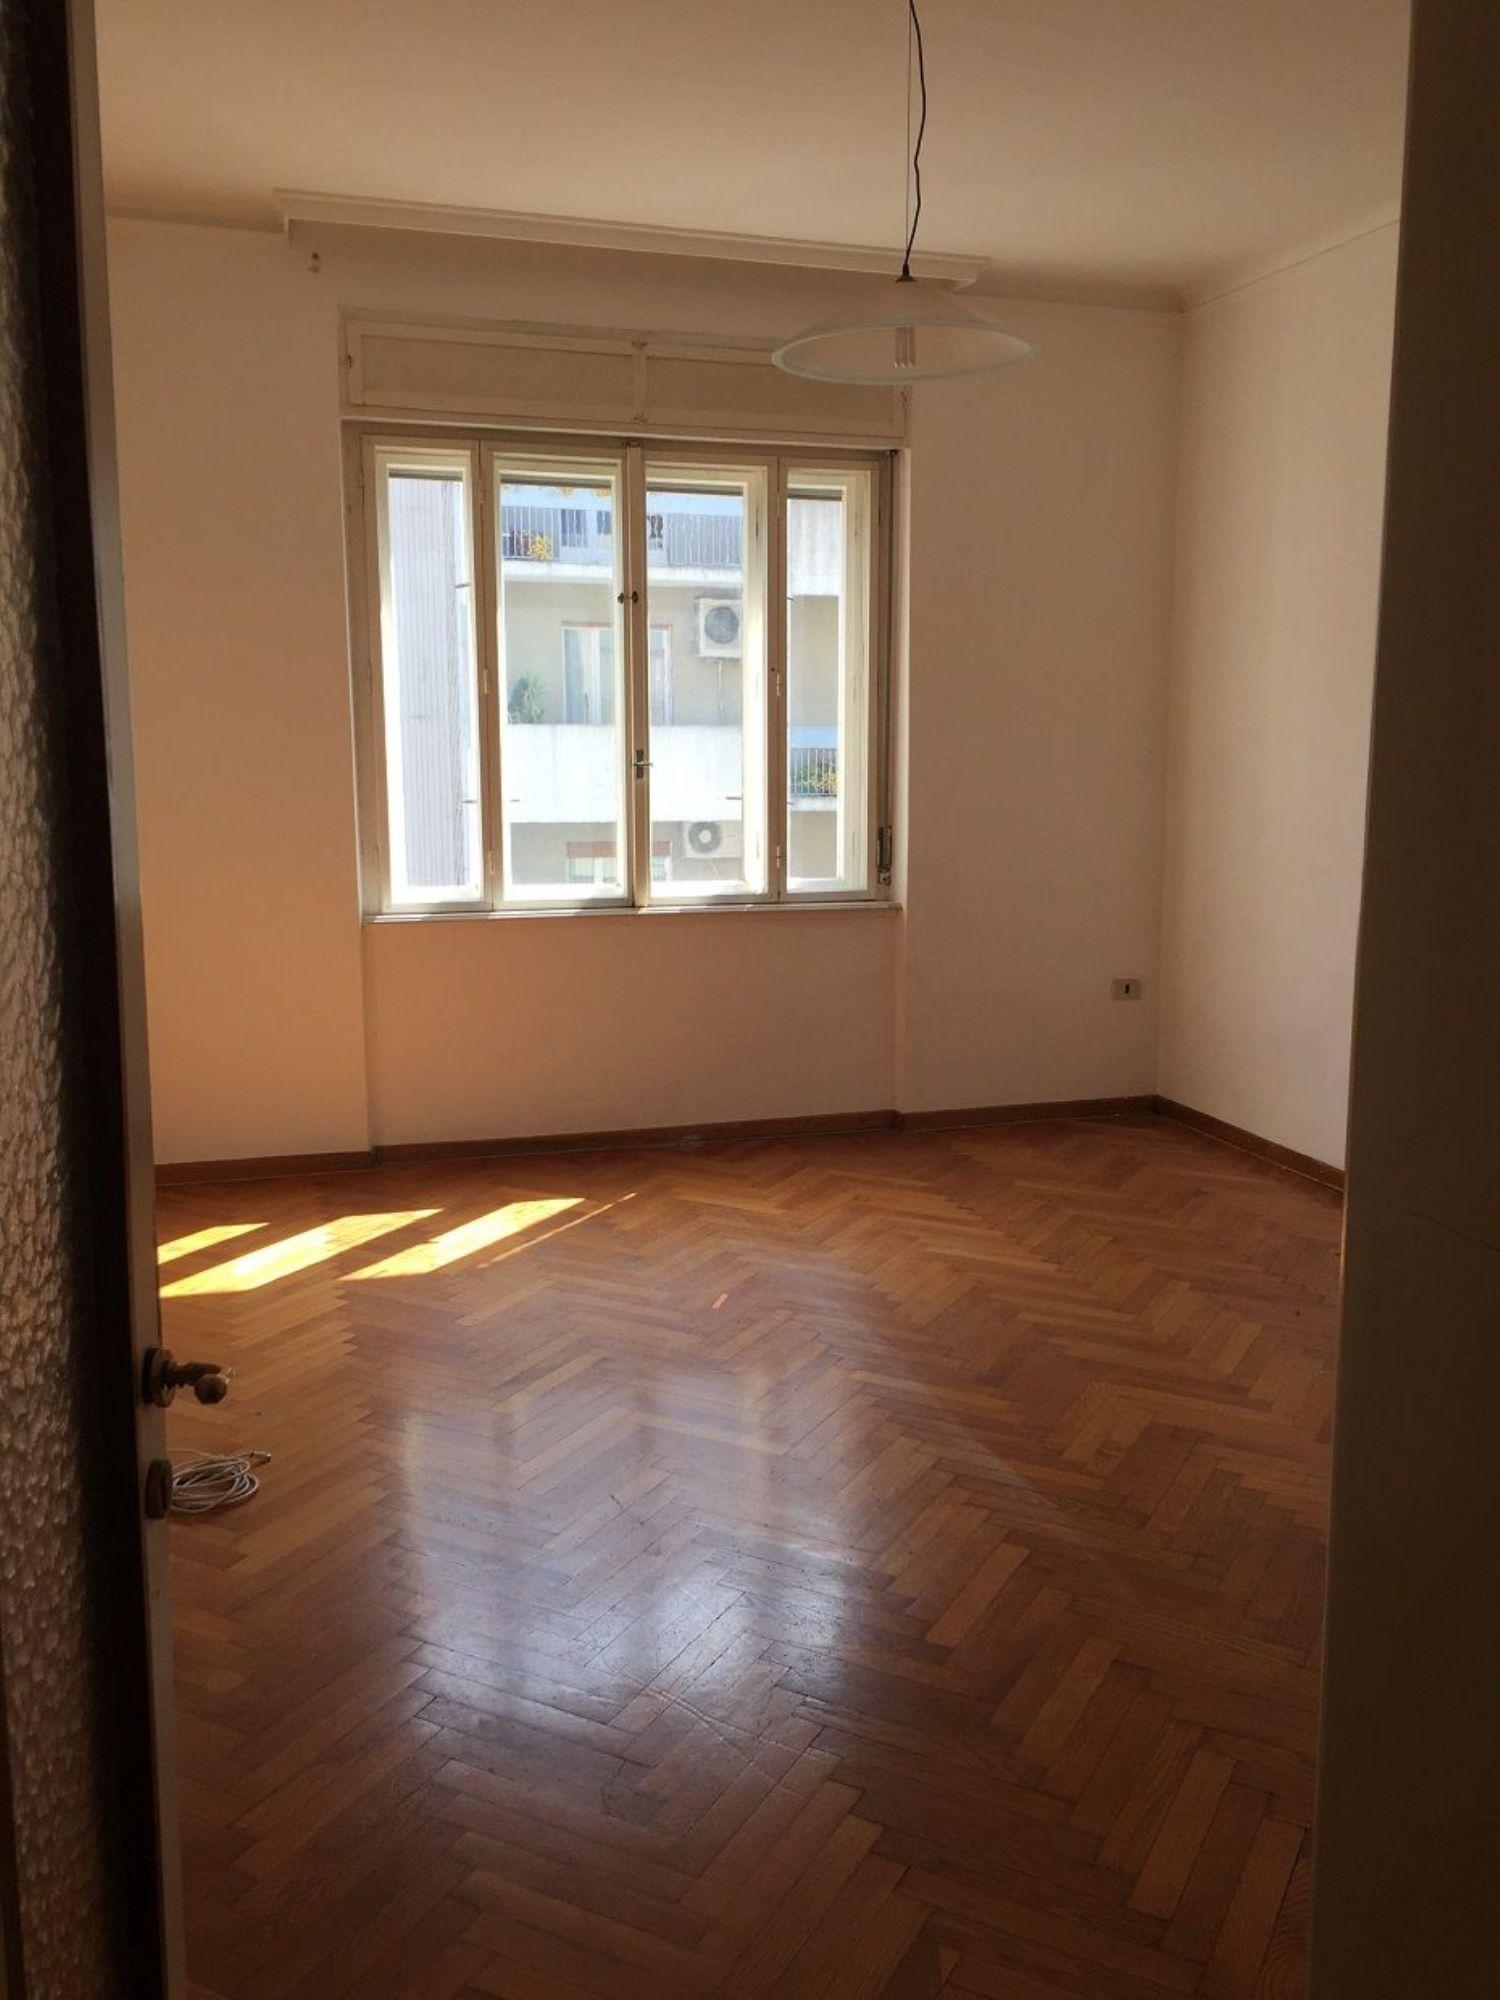 Appartamento in affitto a Trieste, 4 locali, prezzo € 650 | Cambio Casa.it